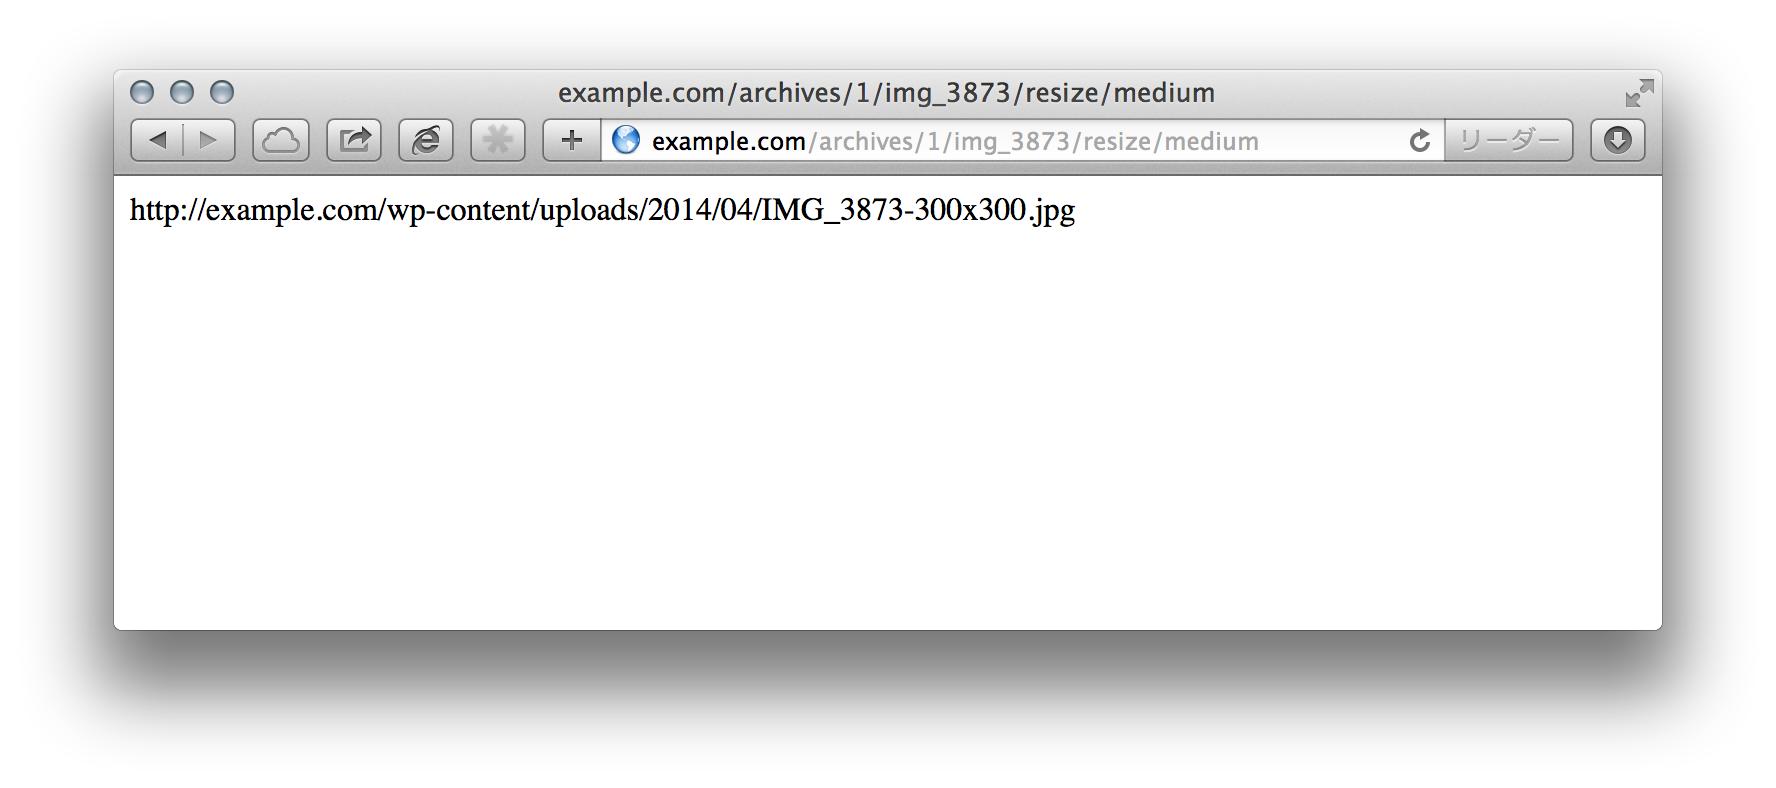 アタッチメントページの末尾に/resize/mediumを追加して、URLを取得できる